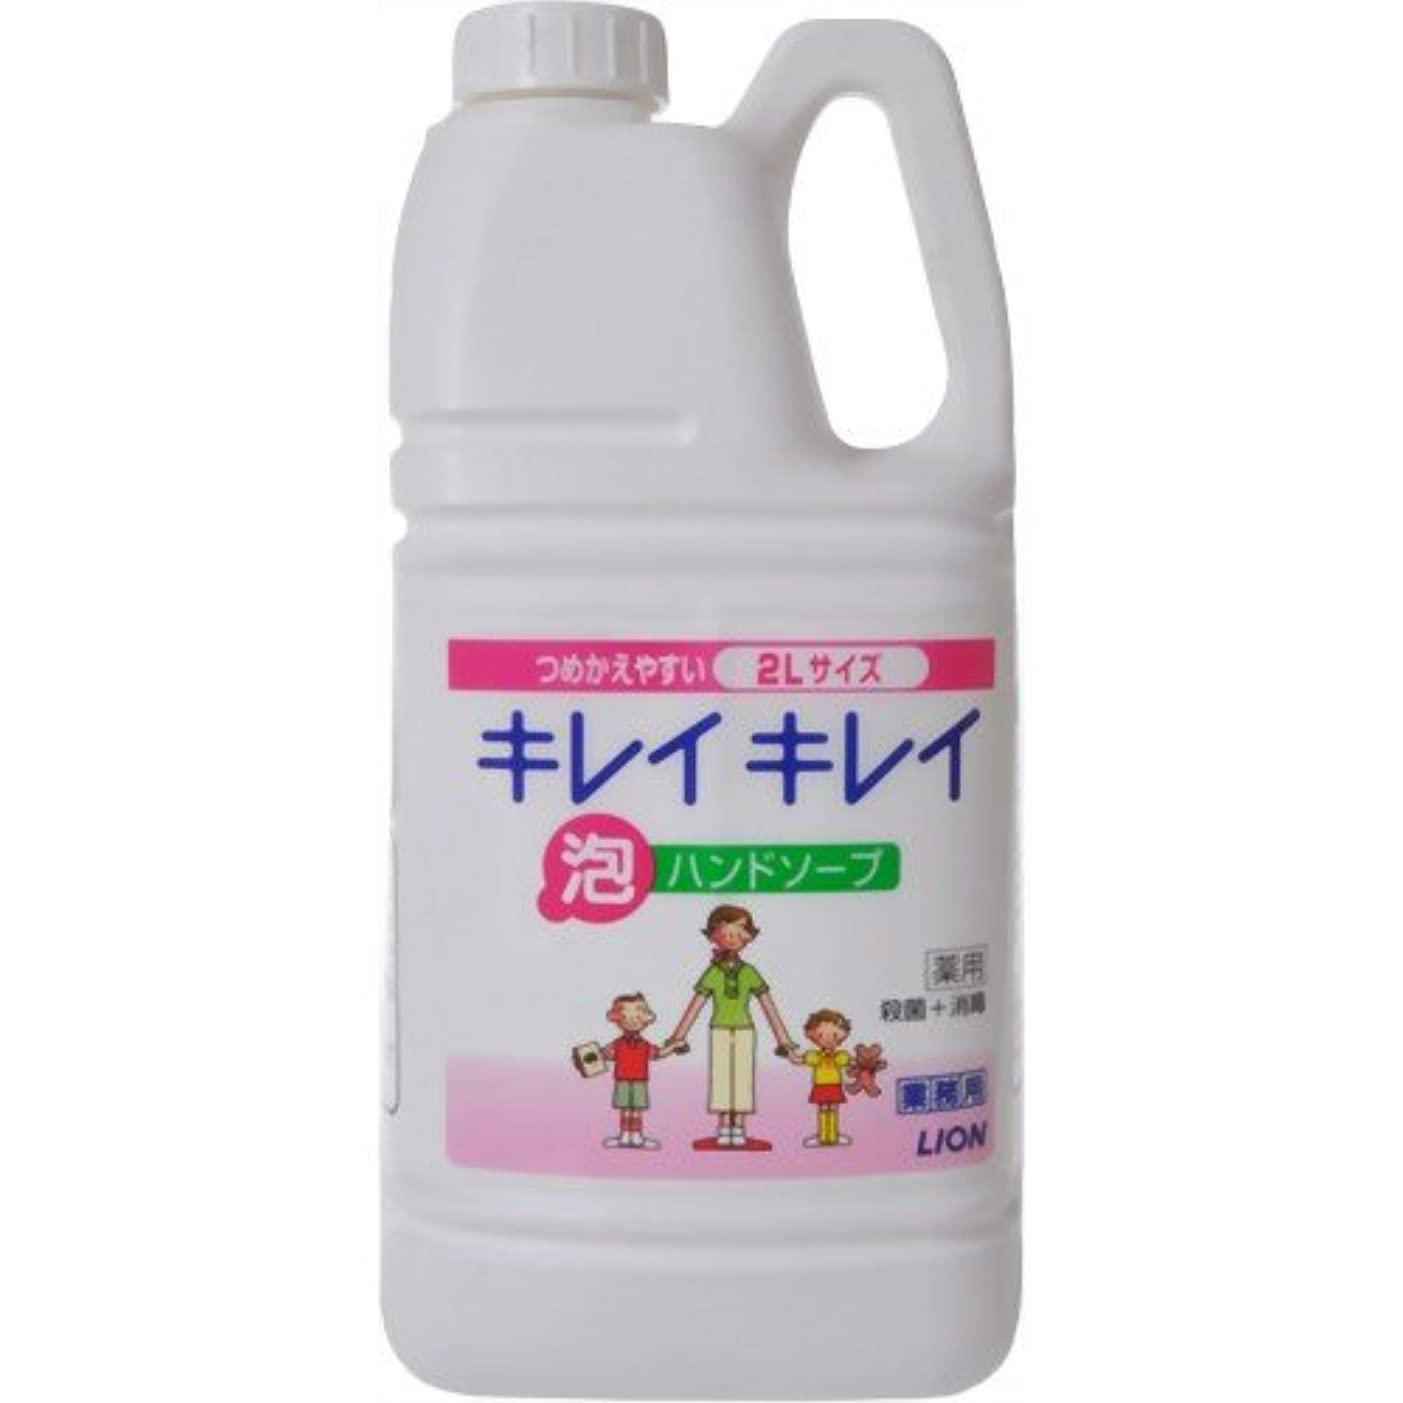 ジャズメディック振る舞いキレイキレイ薬用泡ハンドソープ2L(業務用)